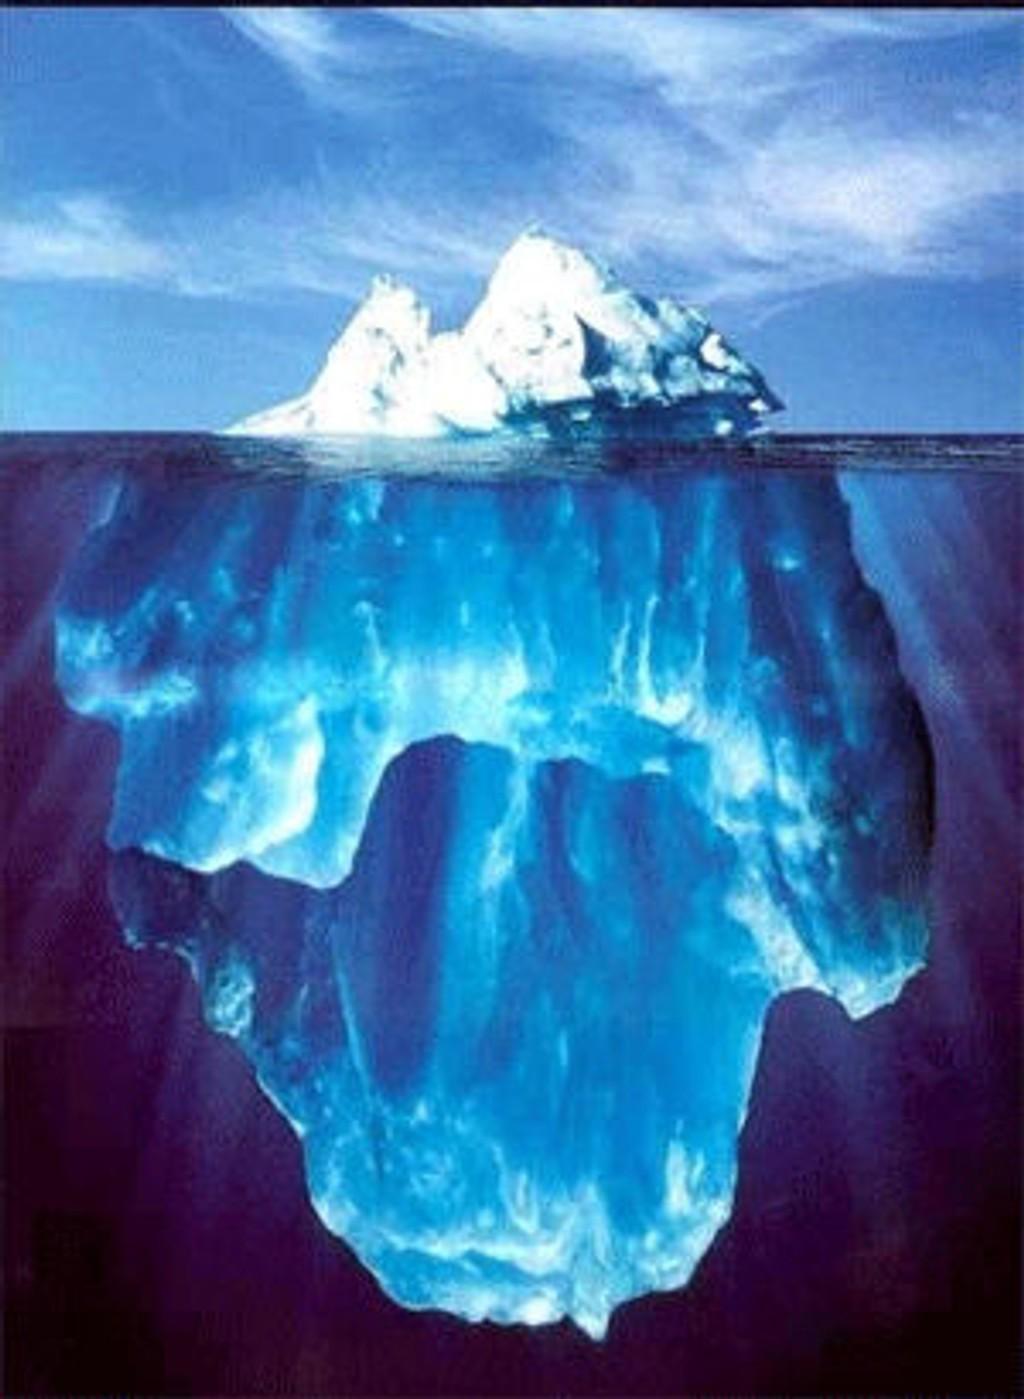 Bildet viser hvor dypt et isfjell kan stikke under havoverflaten. Fjellene som er observert nå er opptil 3 km brede.